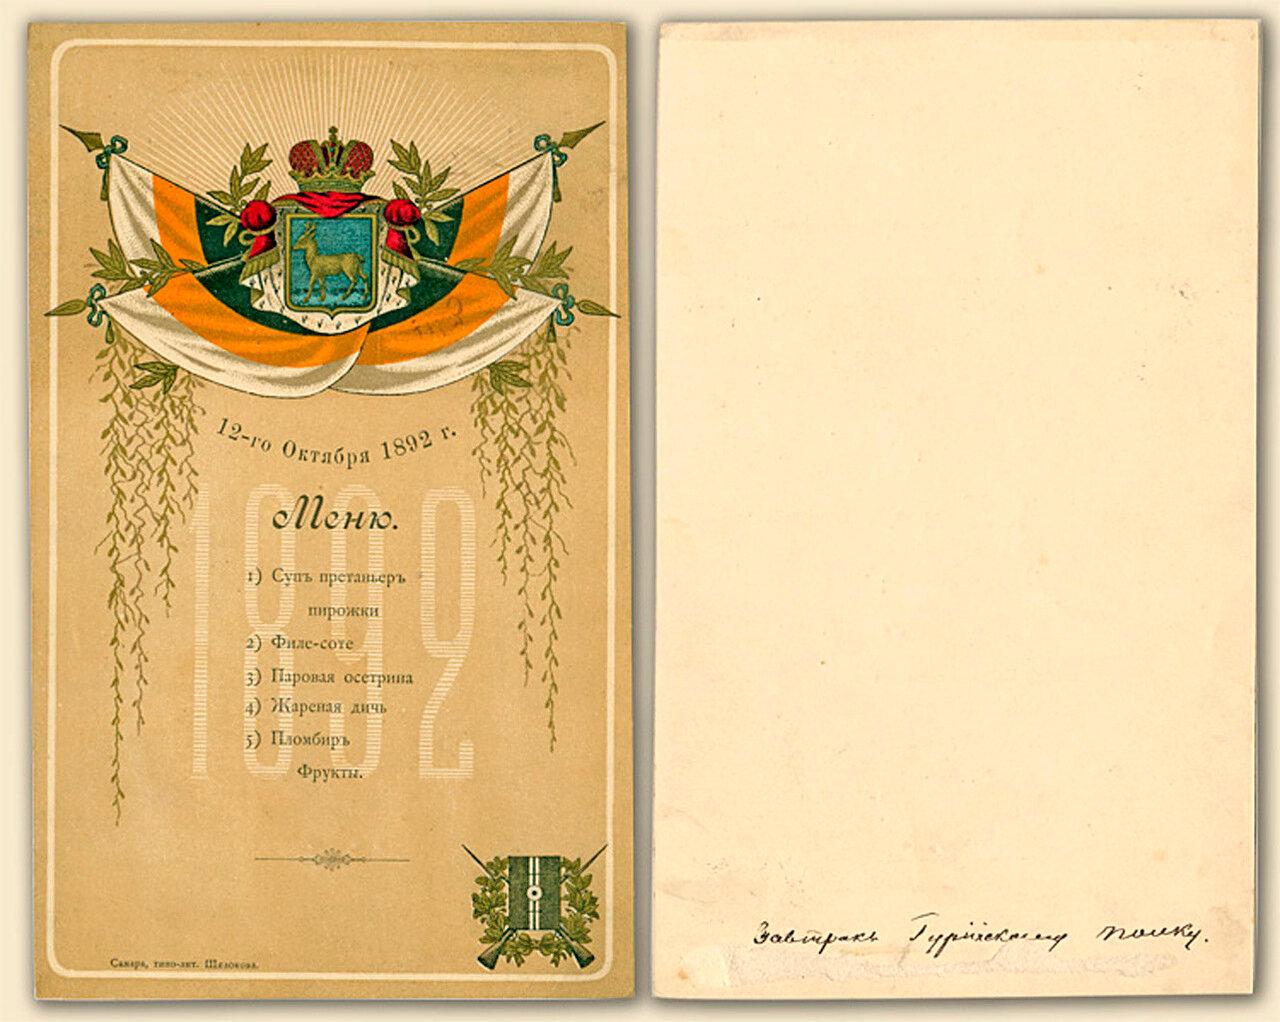 Меню обеда, данного в Самаре 12-го октября 1892 г. чинами 159-го Гурийского полка